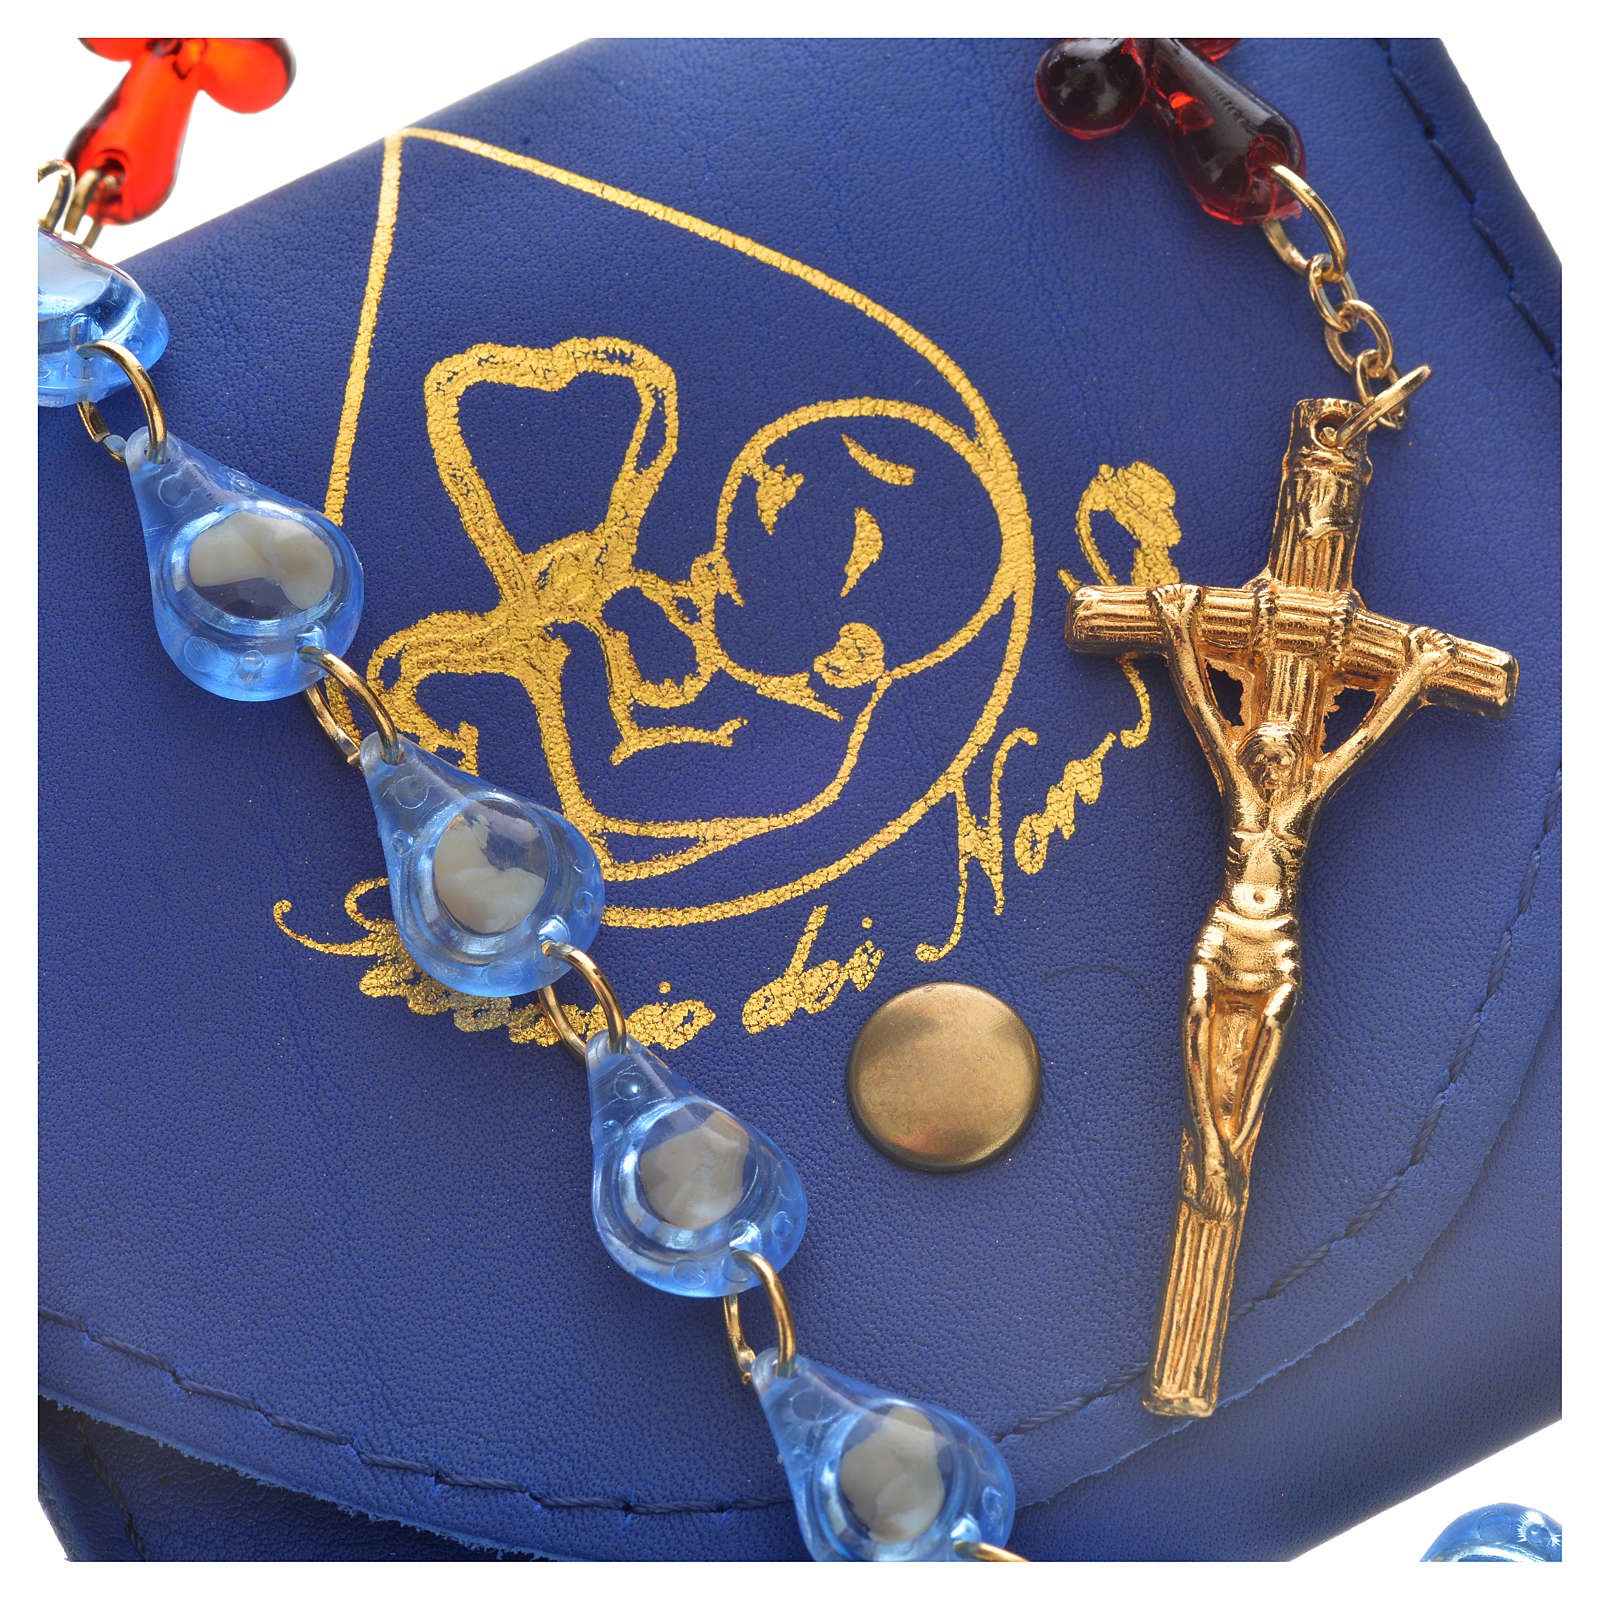 Zinngeschenke Rosenkranz mit 59 Perlen gefertigt aus echtem Onyx gl/äzende Perlen zur Taufe Kommunion Geburt L/änge 49 cm